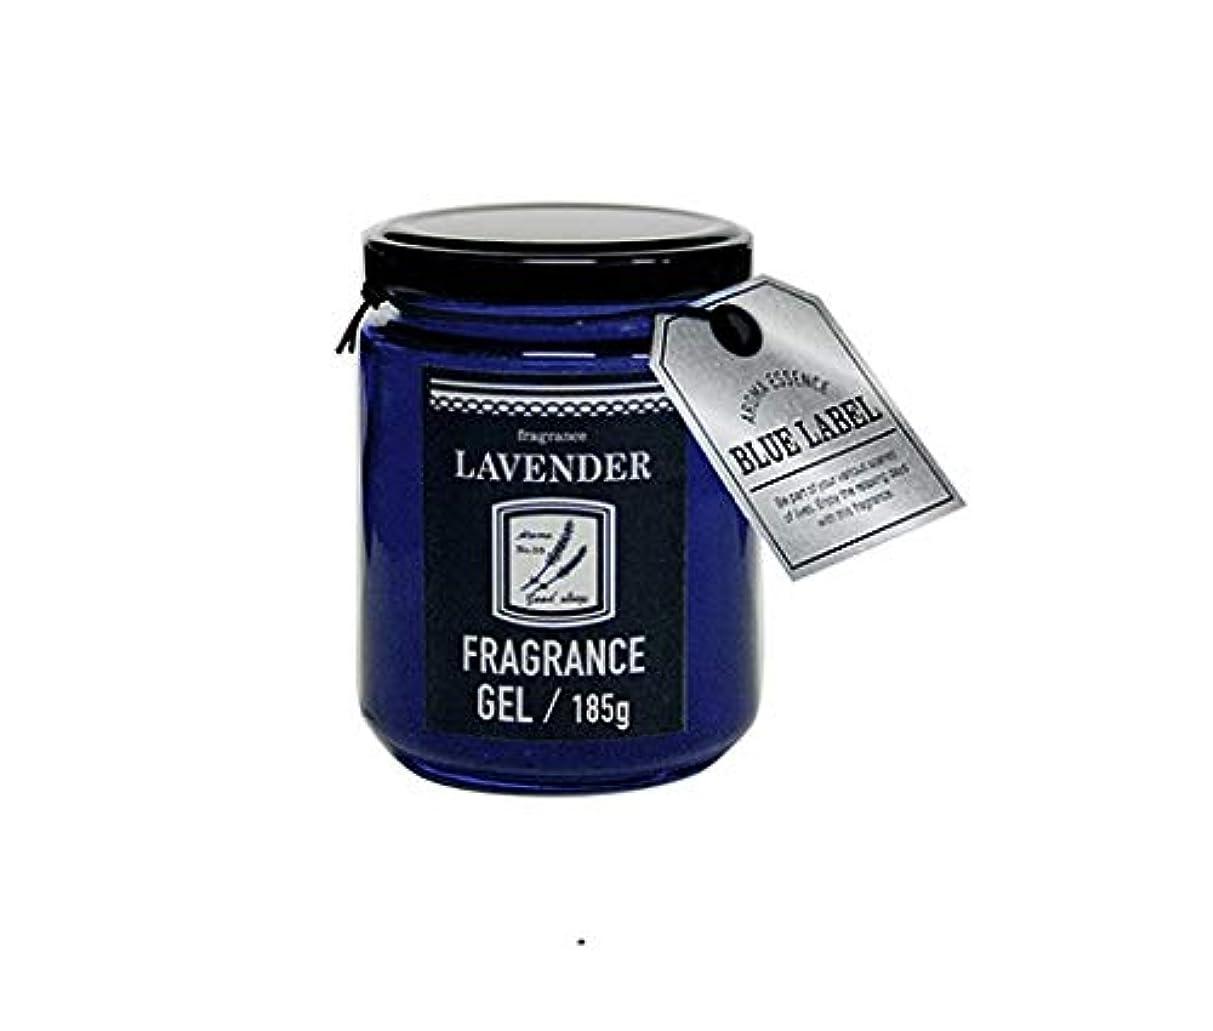 クリエイティブ端末ウルルアロマエッセンスブルーラベル フレグランスジェル185g ラベンダー(消臭除菌 日本製 心落ち着ける香り)